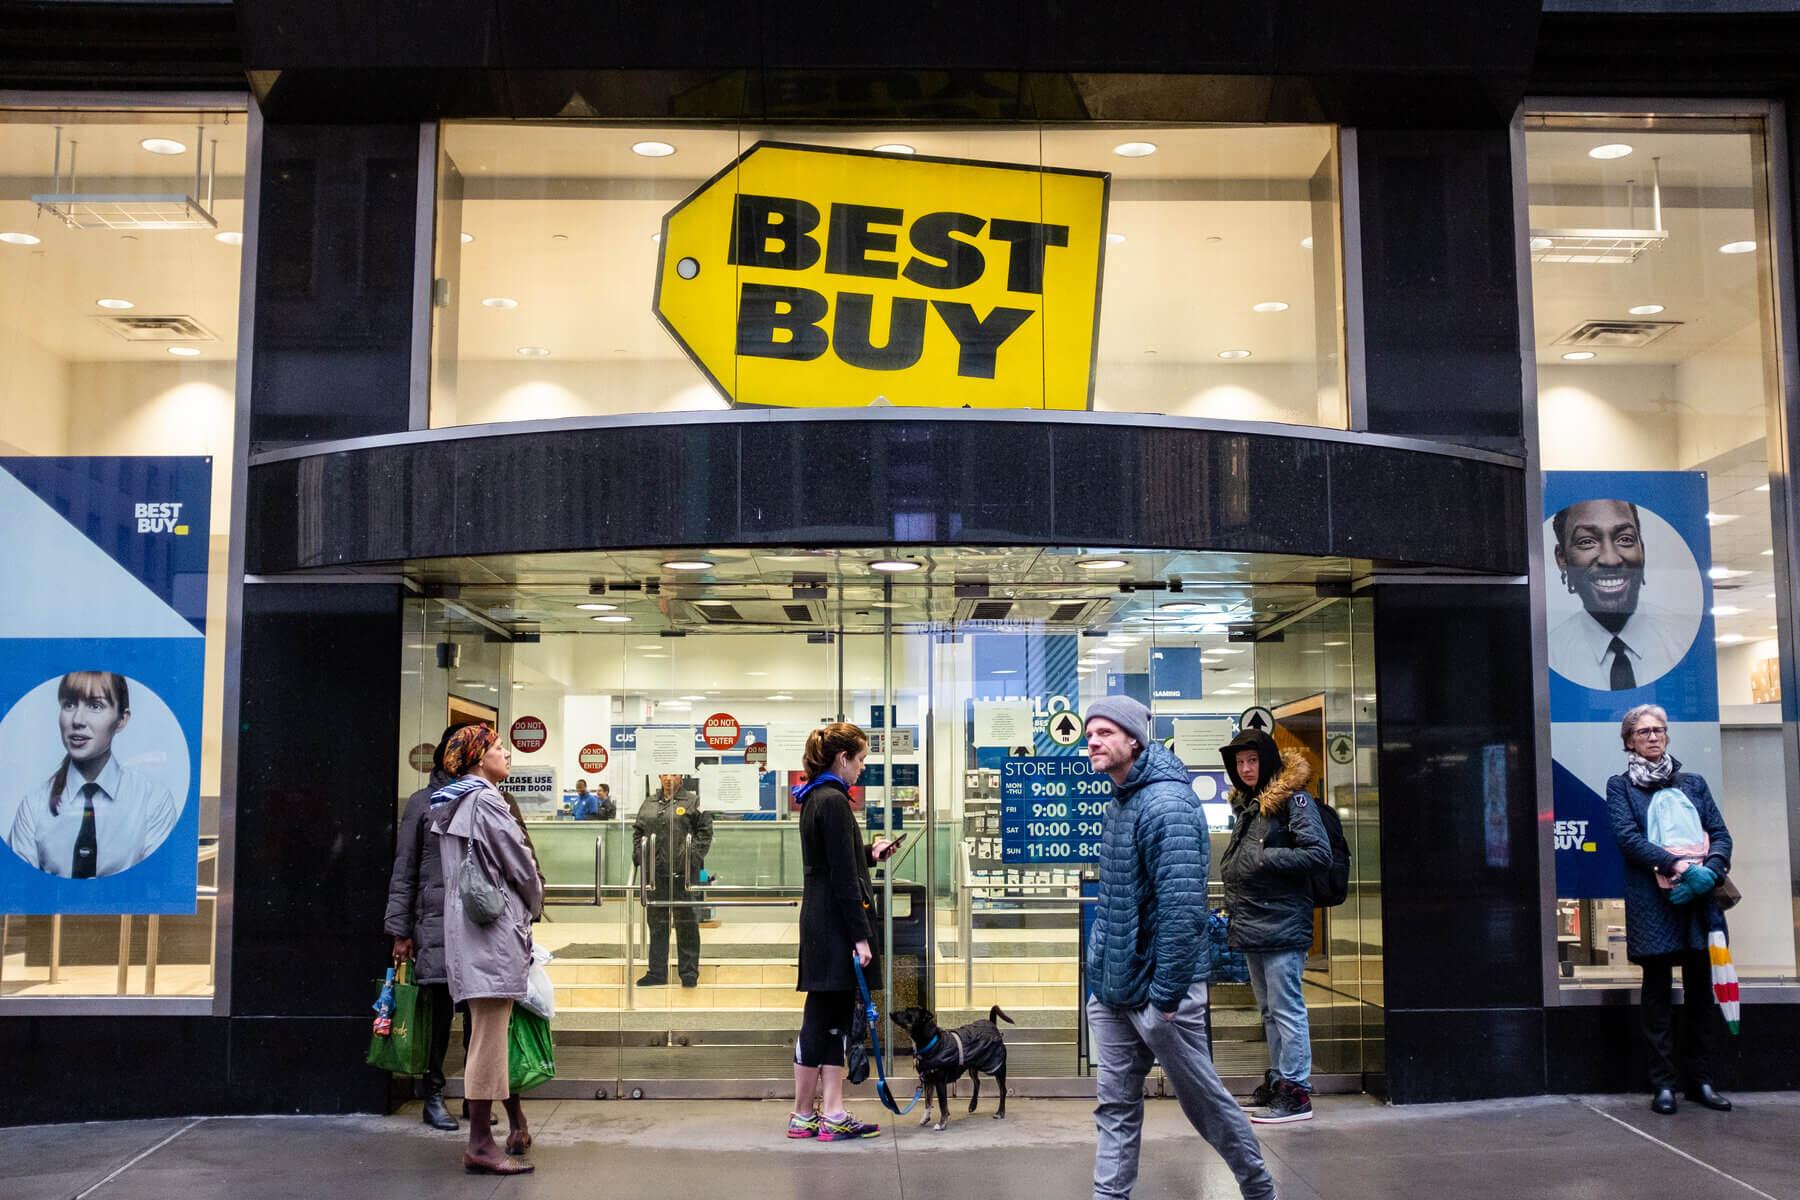 amazon competitors best buy